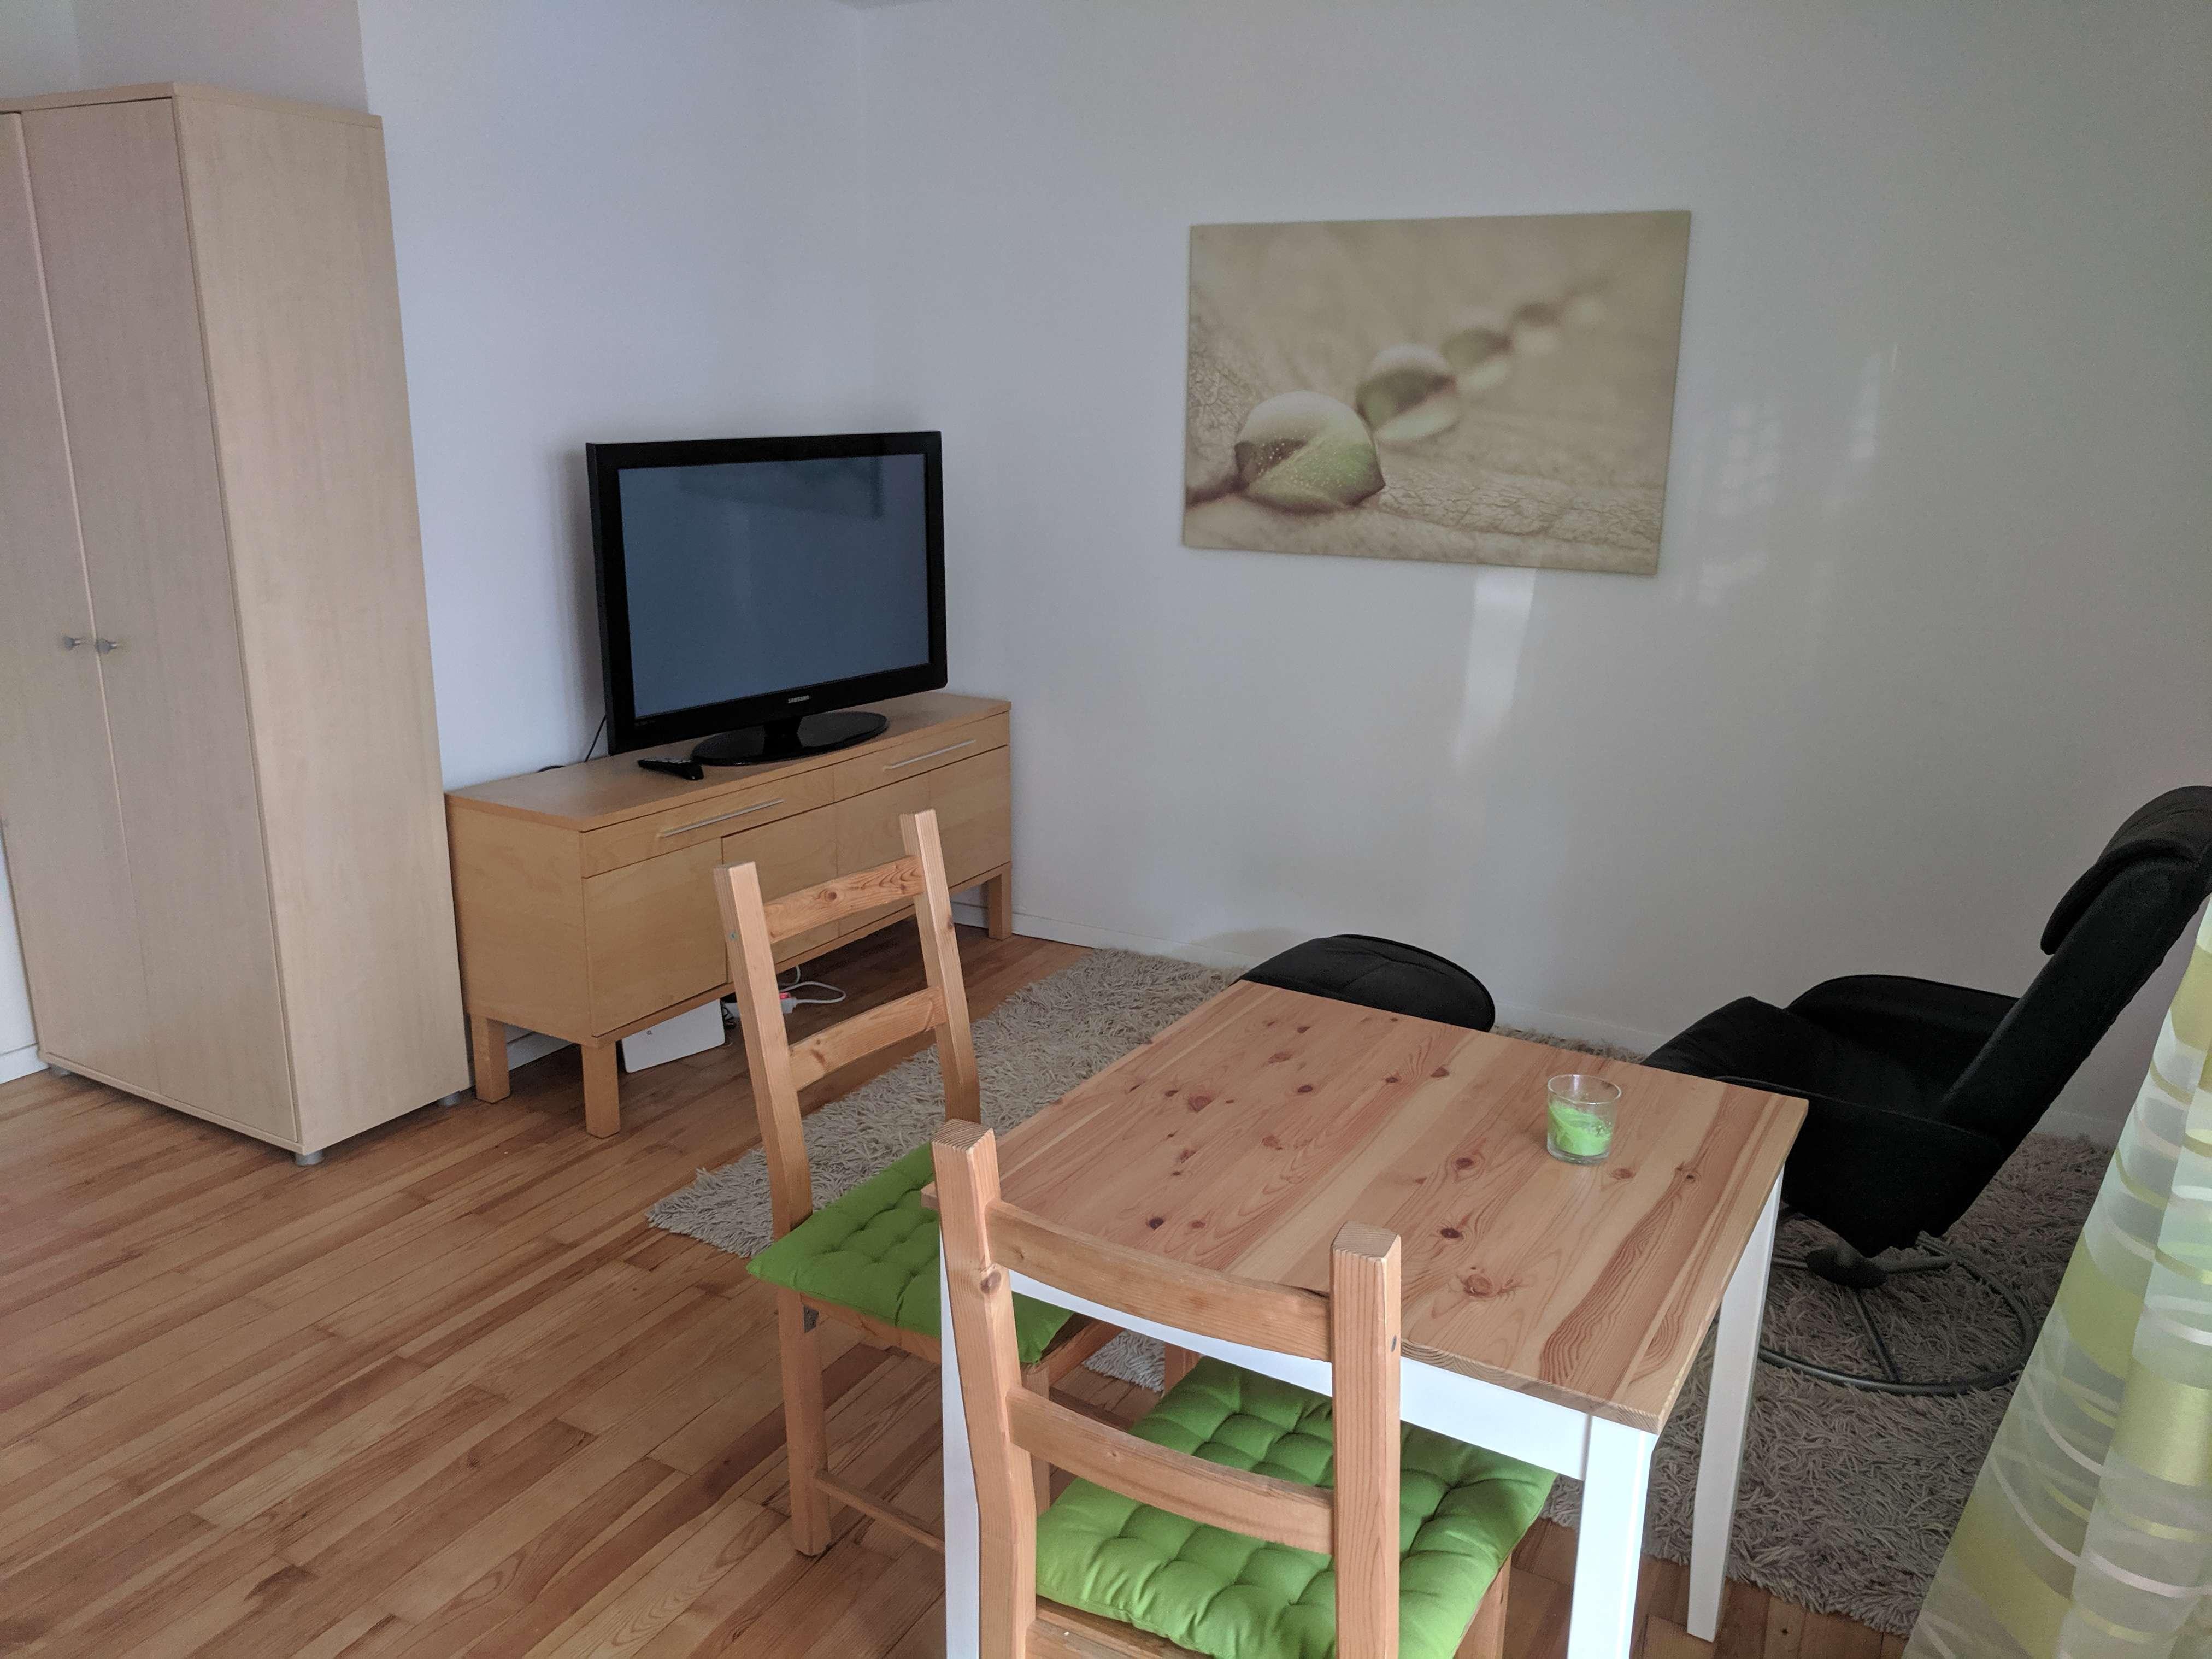 Möblierte 2-Zimmer-Hochparterre-Wohnung mit Balkon in Nürnberg